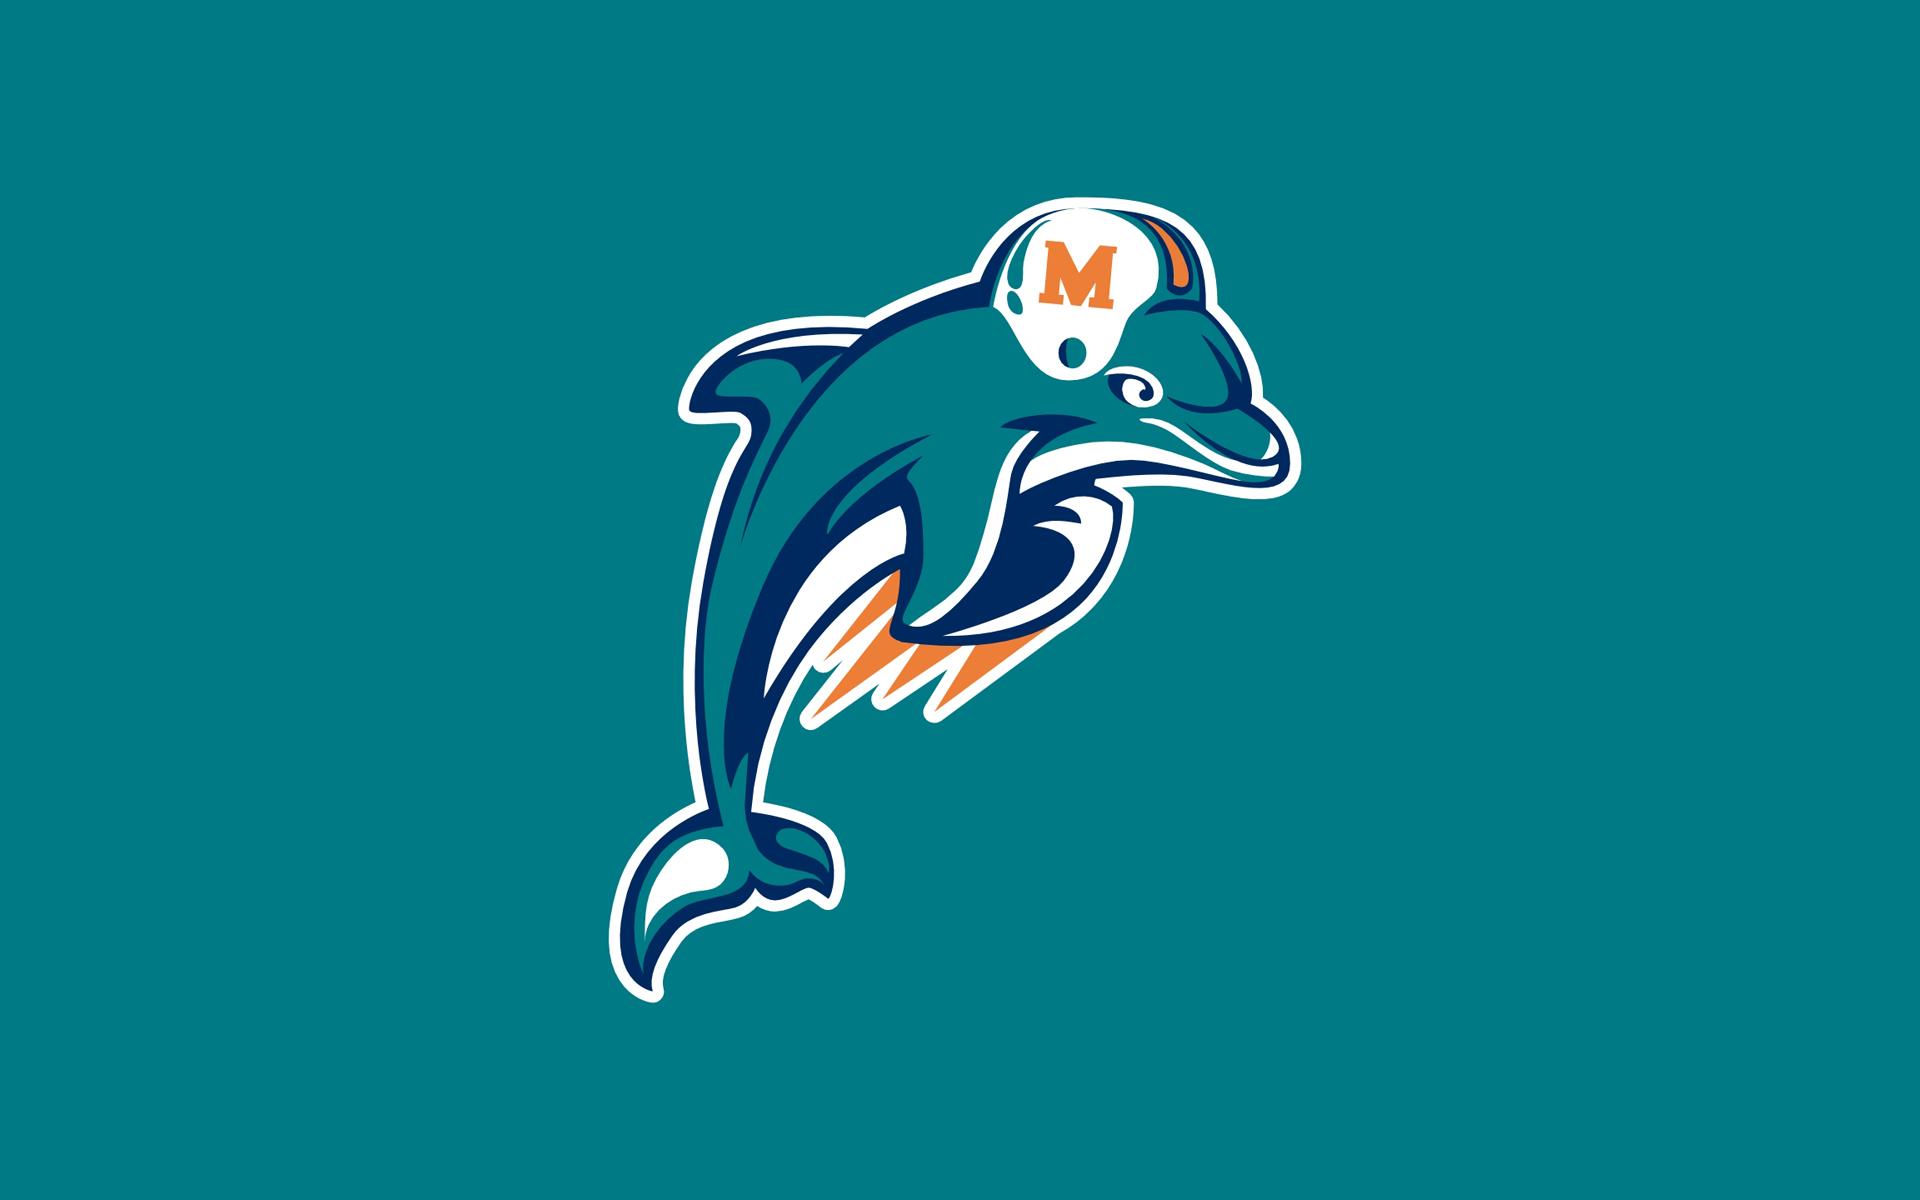 miami dolphins 2015 wallpaper - photo #11